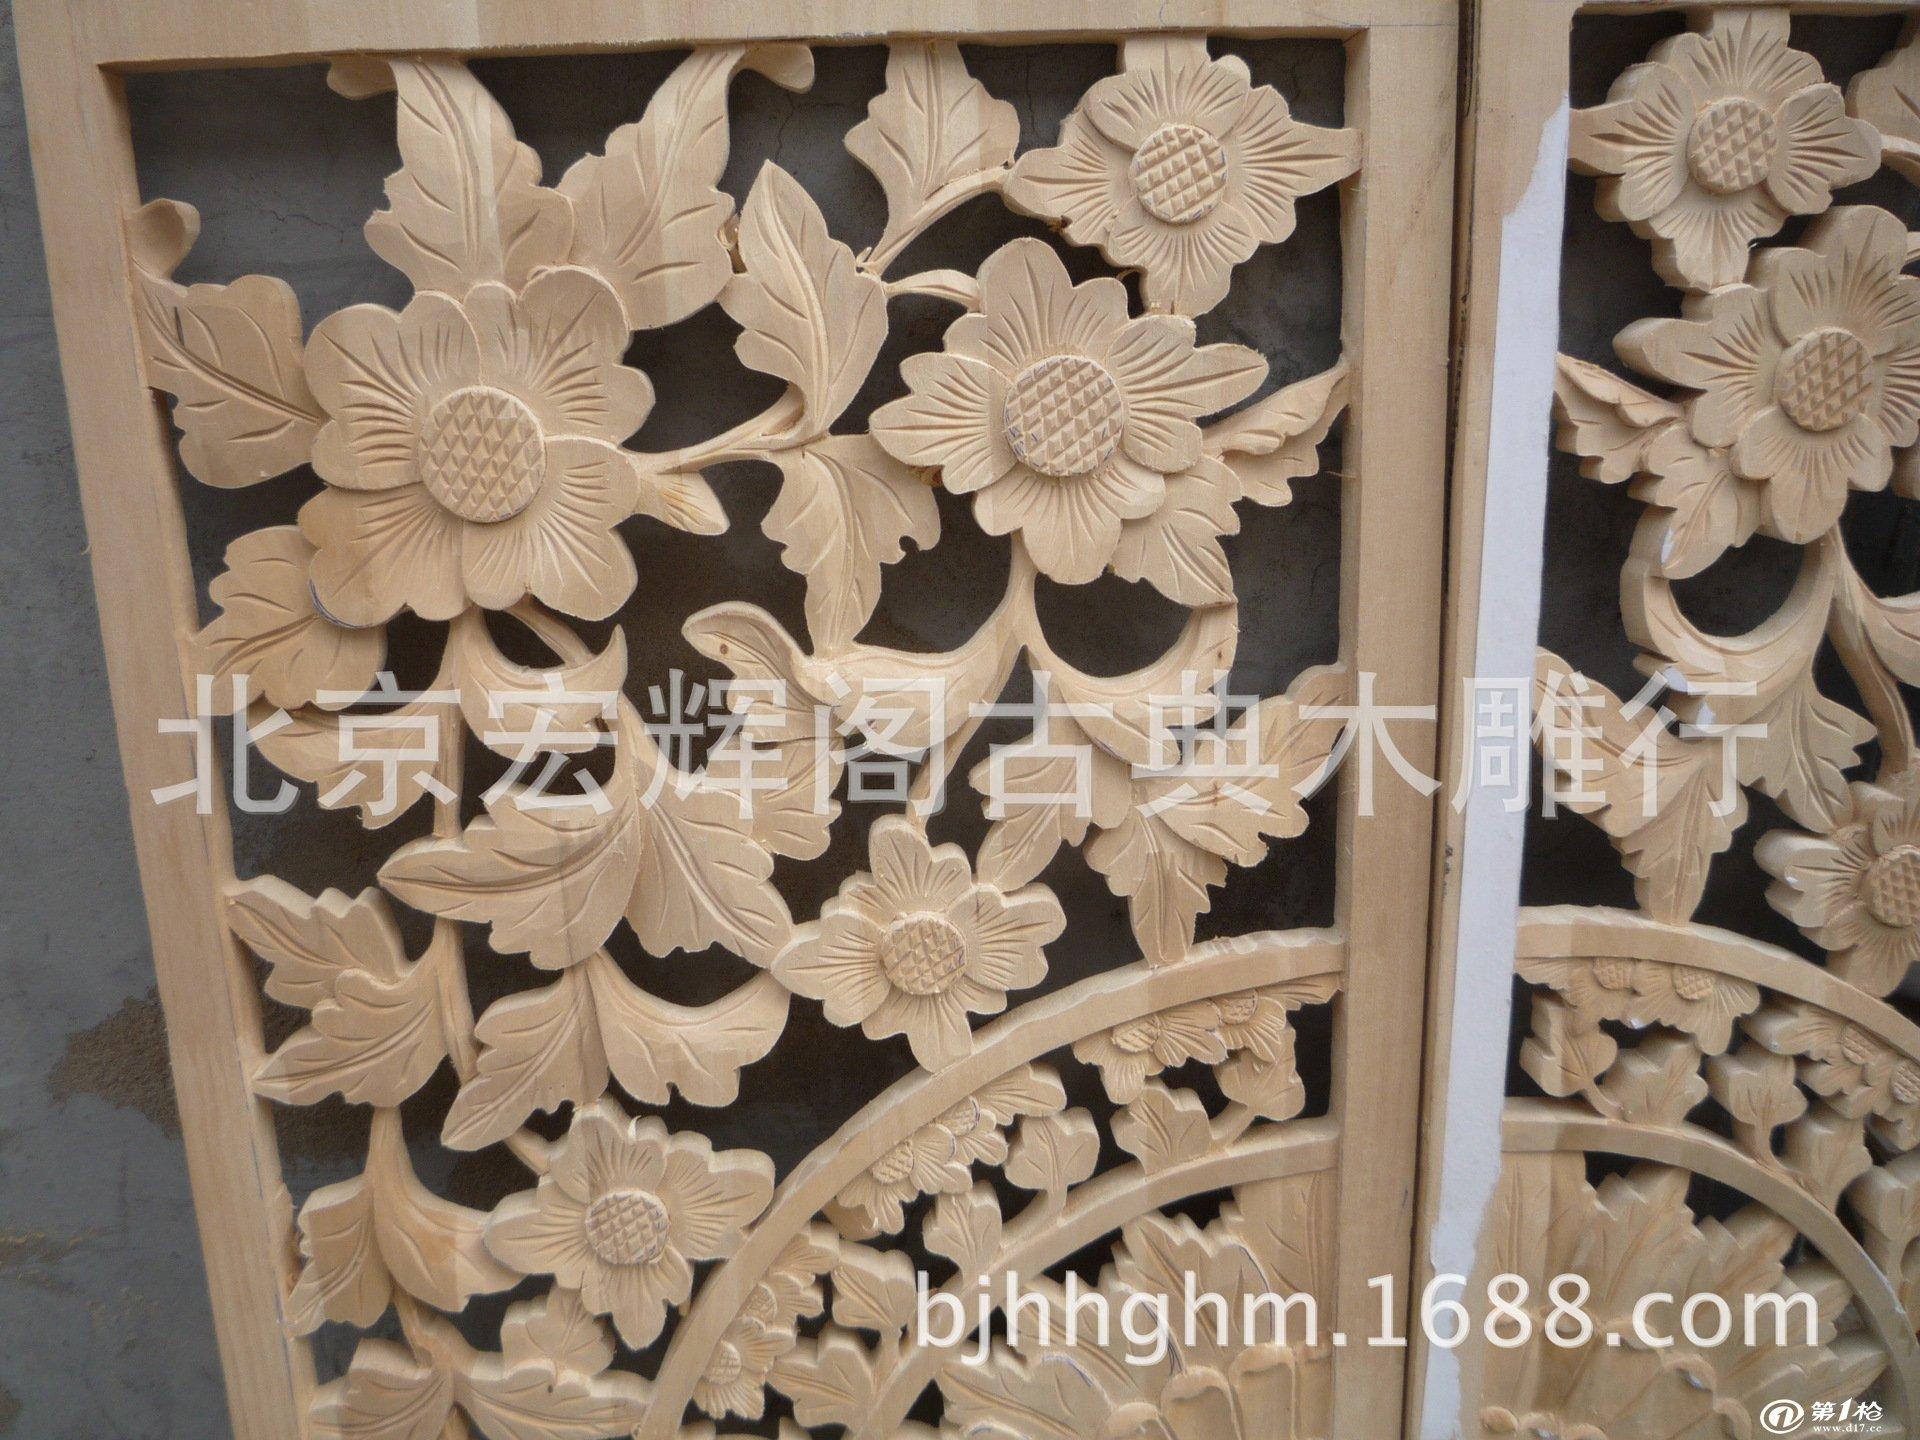 产品介绍: 中国木雕工艺品艺术可追溯到原始社会时期,那时就有了不少初具雏型的工艺品。到战国时期,木雕工艺已由商代用于制陶工艺中的简单刻纹和雕花板的阴刻,发展到立体圆雕工艺。汉代动物木雕用整木雕制,将中国木雕艺术推向了一个高峰。唐宋时期,木雕工艺日趋完美。明清木雕则是中国古典木雕艺术成熟的时代,作品十分丰富,除了动物,还有人物。具有代表性的如长春木雕等。 【交易提示】为了避免交易中不必要的麻烦,请各位买家朋友花一分钟时间仔细阅读以下提示 1.